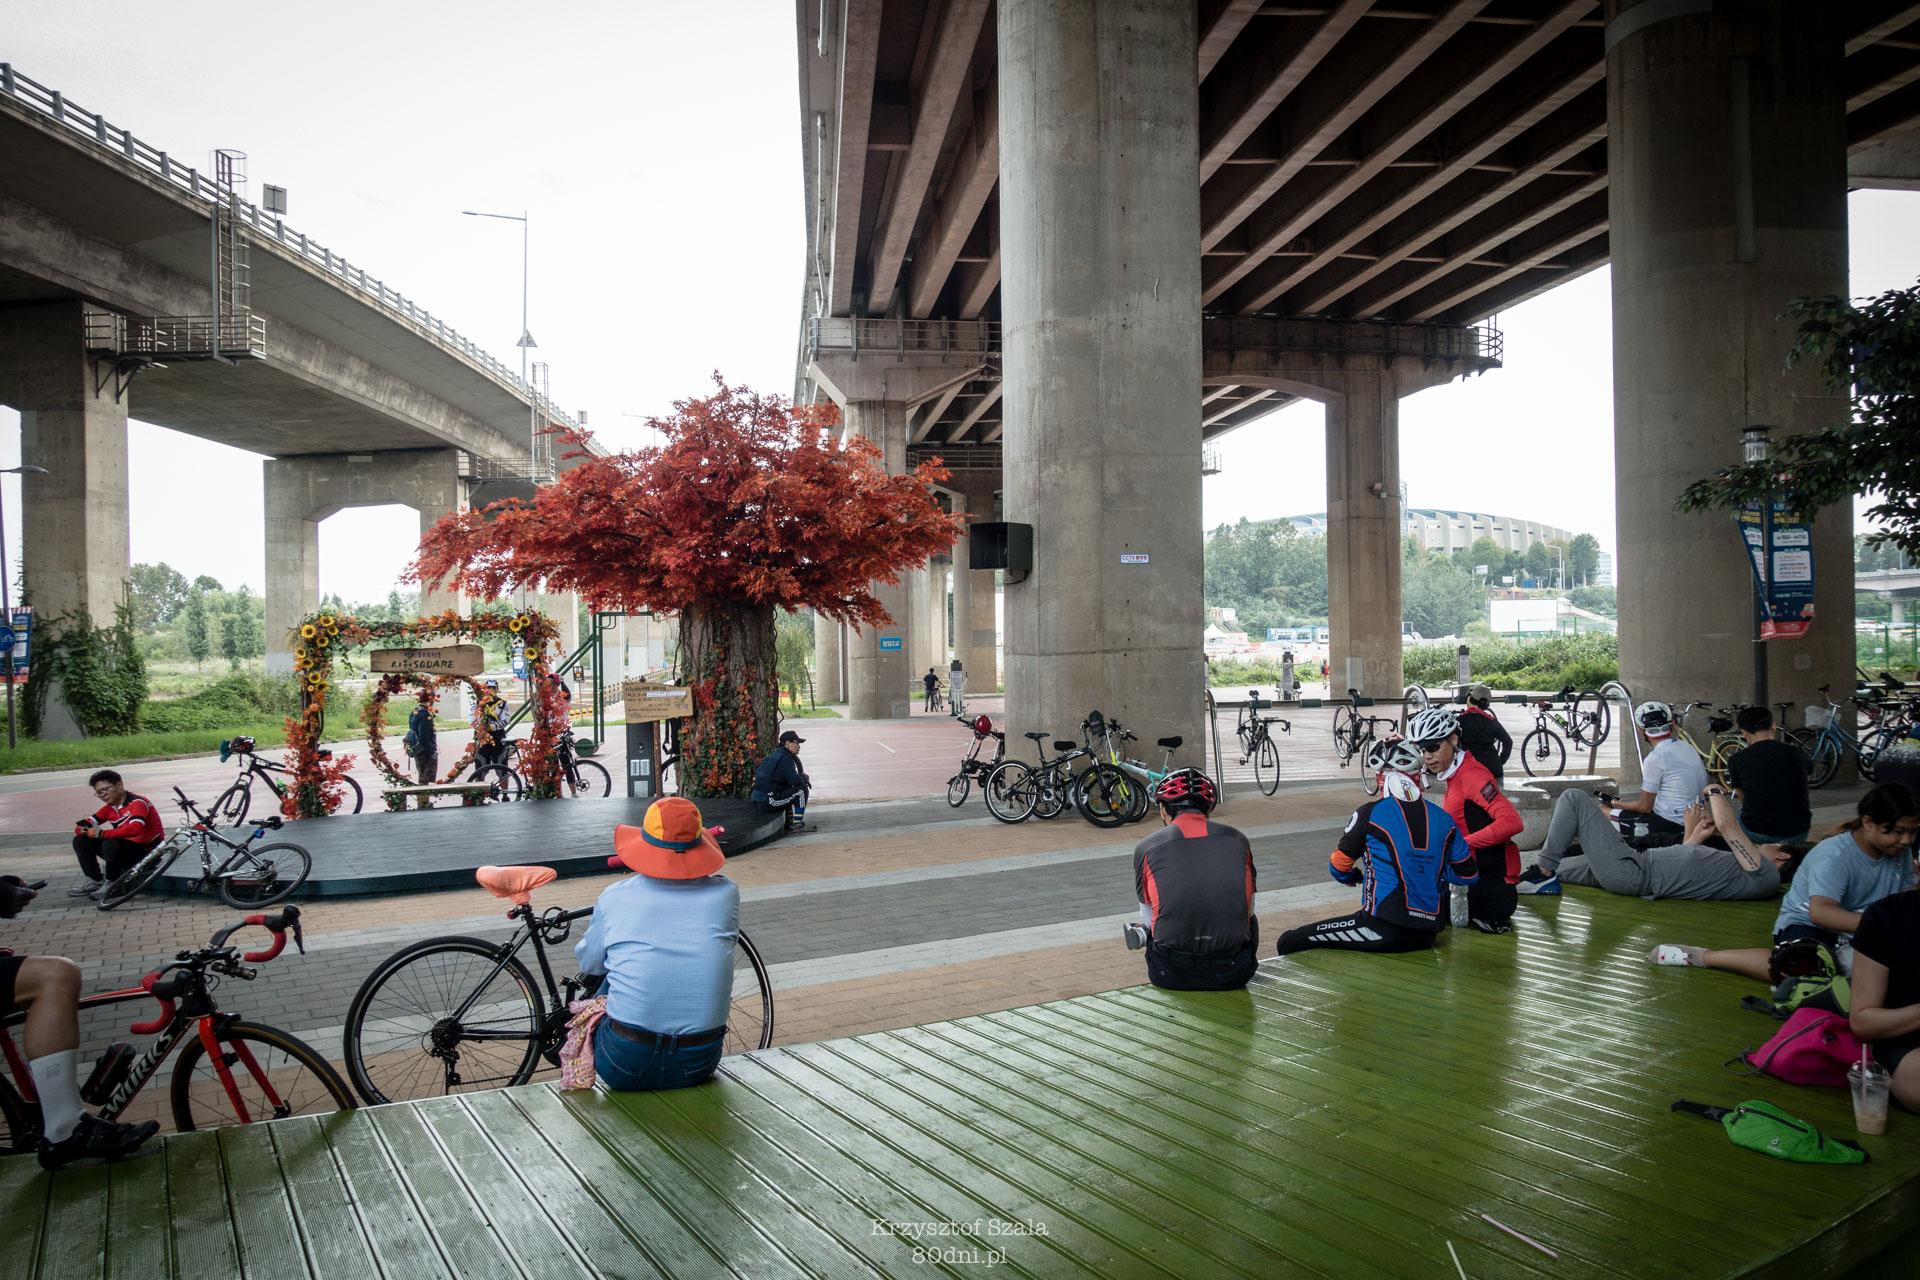 Jedno z miejsc odpoczynkowych dla rowerzystów.